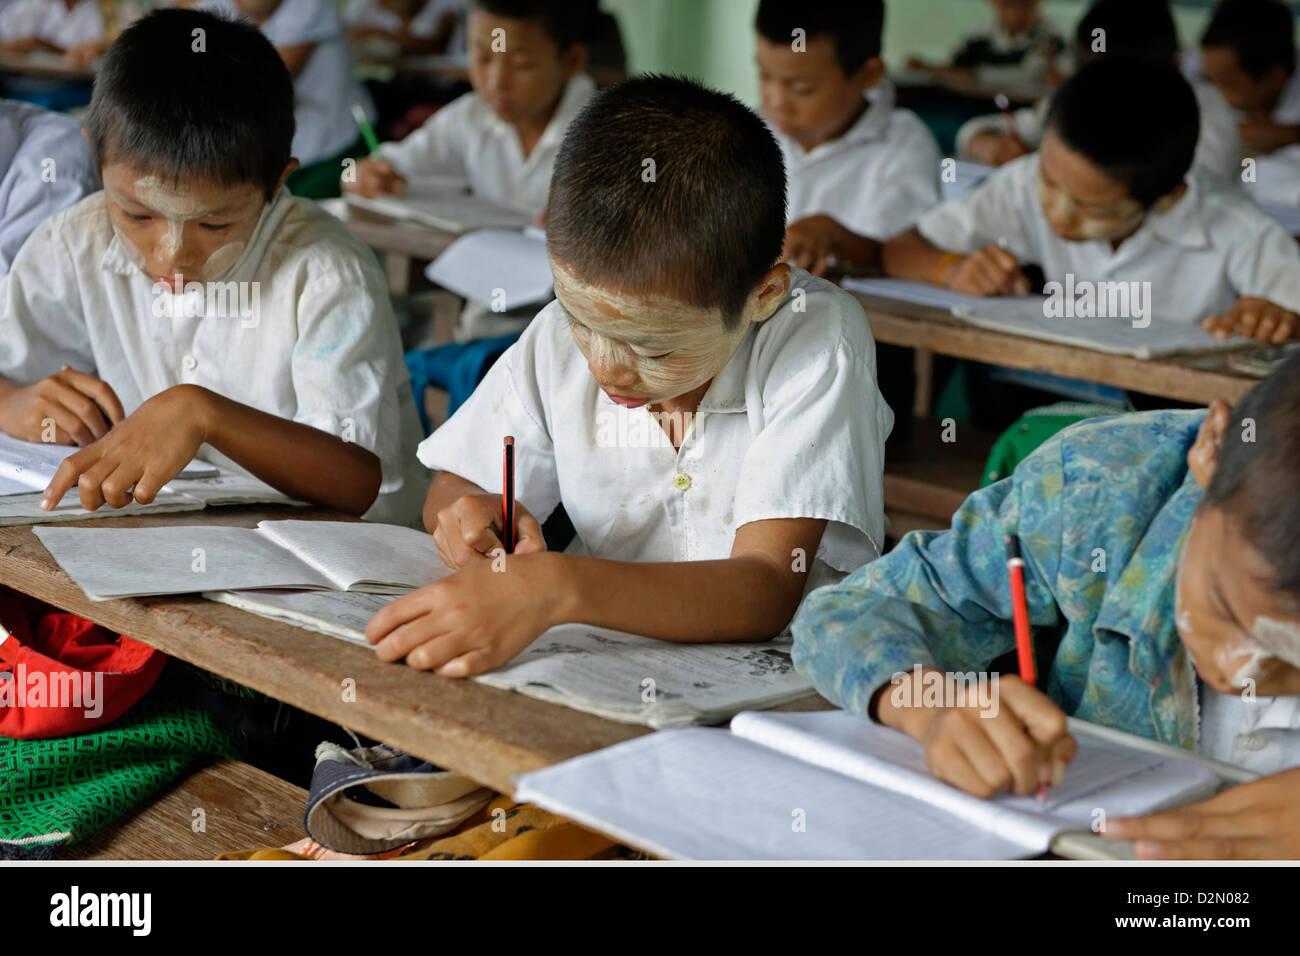 L'école primaire, Thet Kel Kyin village, zone indaw. La Division de Sagaing, République de l'Union Photo Stock